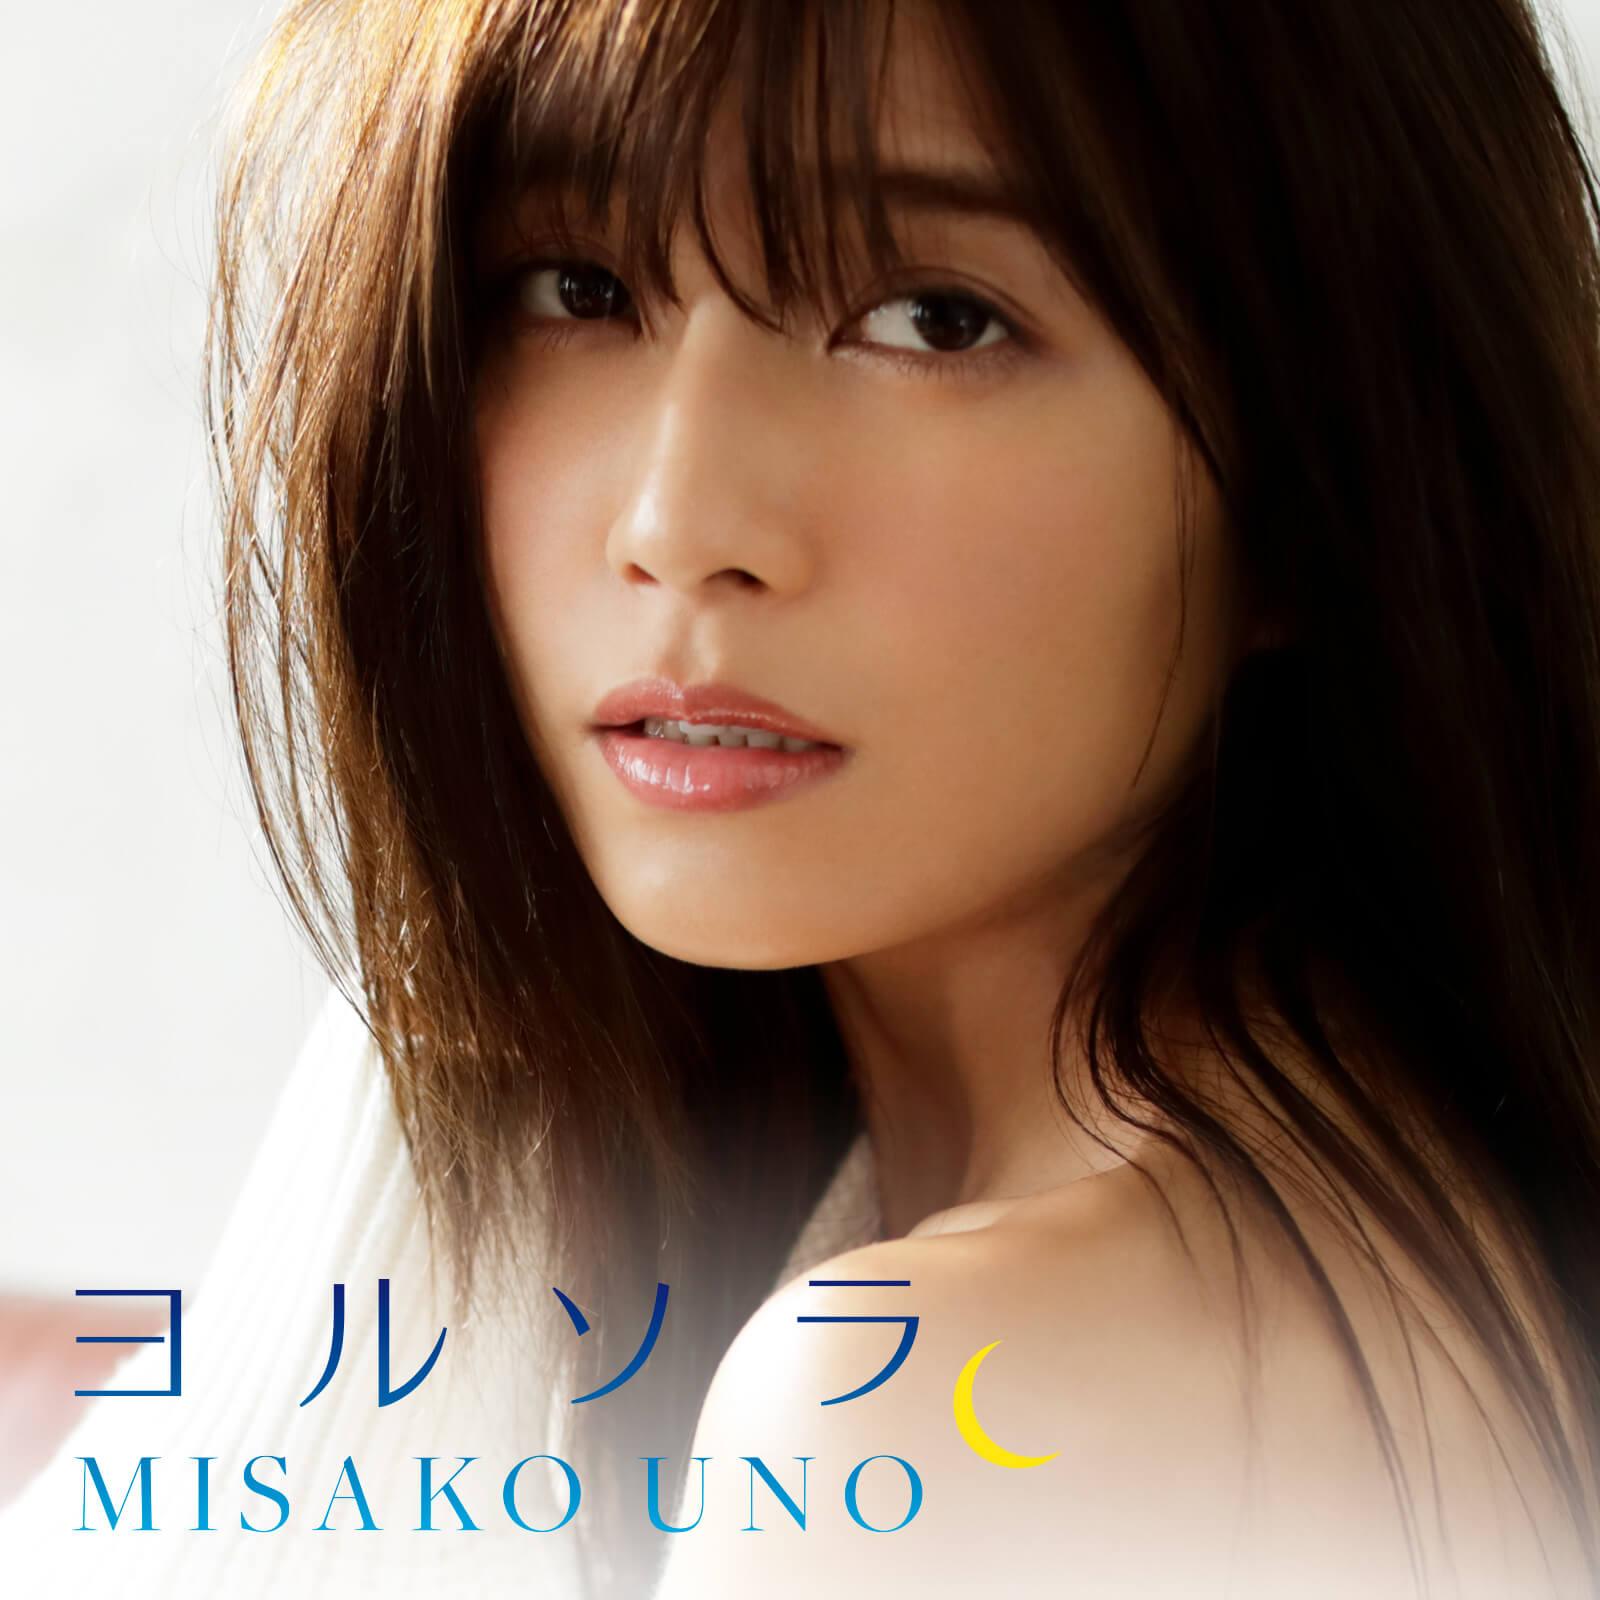 宇野実彩子 (AAA) 新曲「ヨルソラ」のライブ映像が期間限定でYouTube公開サムネイル画像